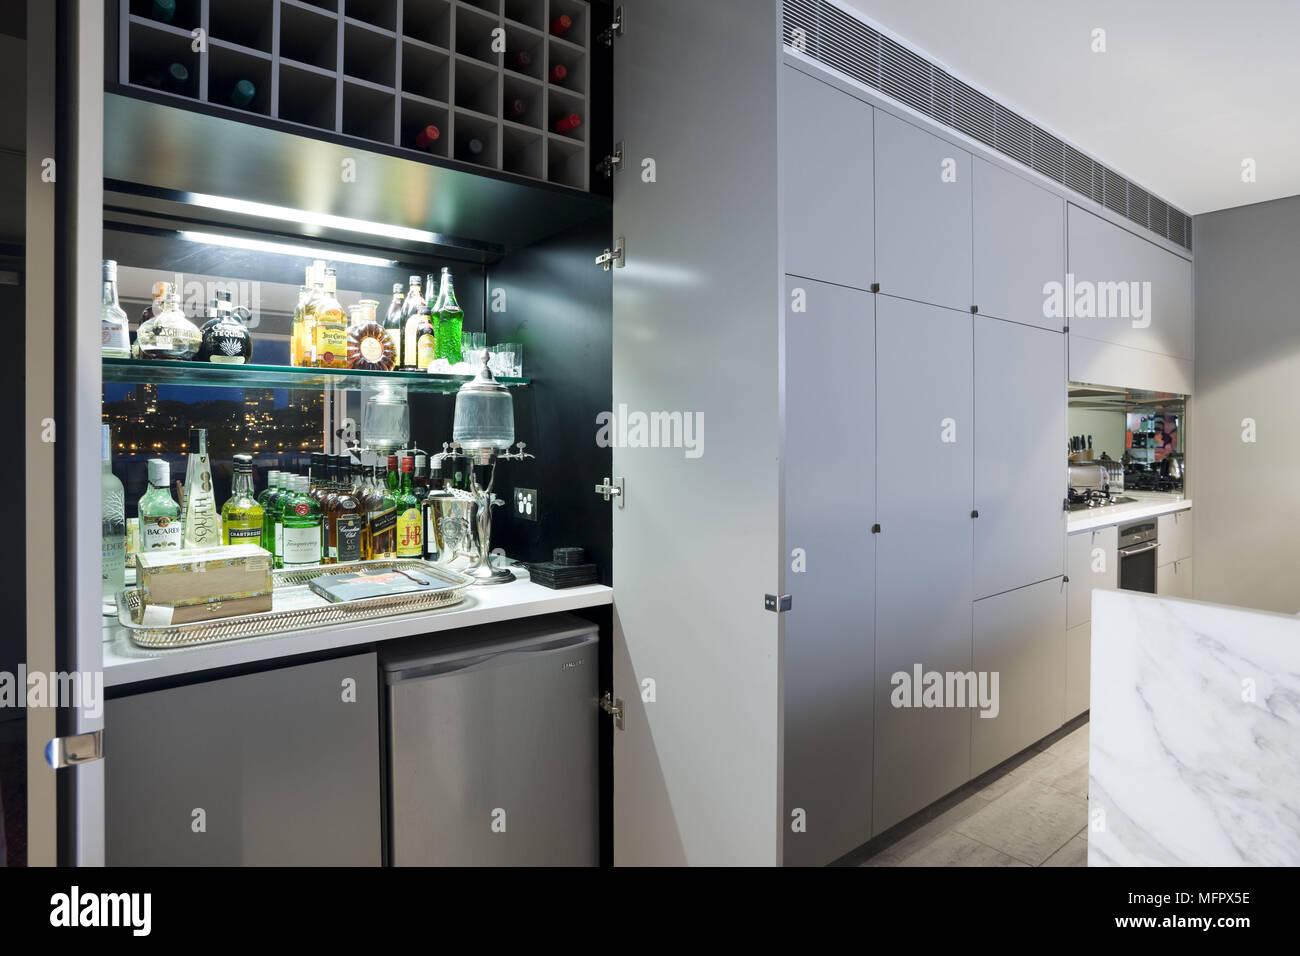 Großartig Küchenbeleuchtung Vs Spur Vertieft Galerie - Ideen Für Die ...